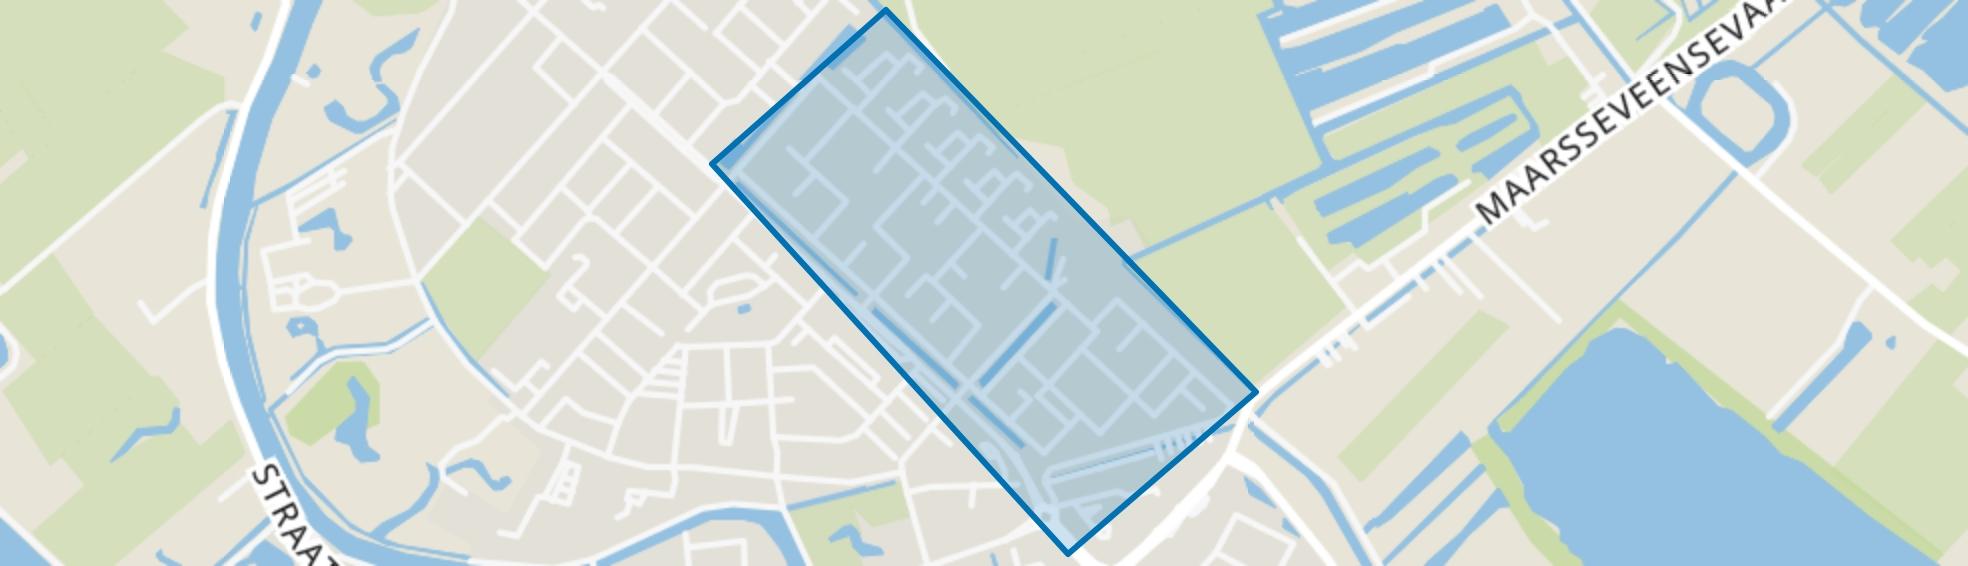 Staatsliedenbuurt, Maarssen map